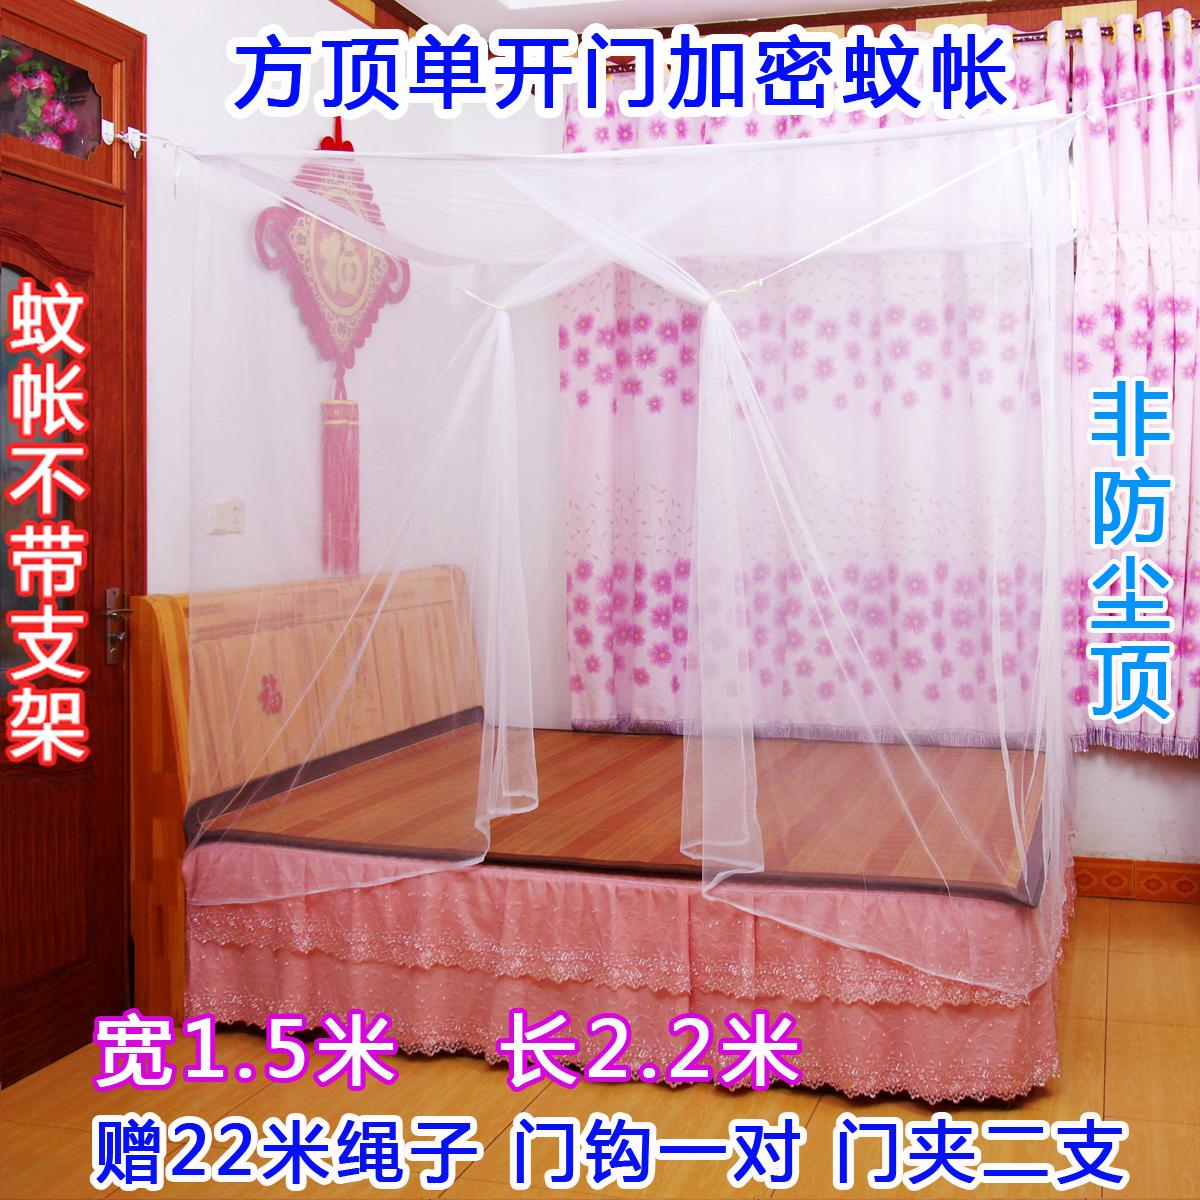 老式蚊帳家用方頂加密單人雙人床上下鋪單門寬1.5m長2.2米大蚊帳